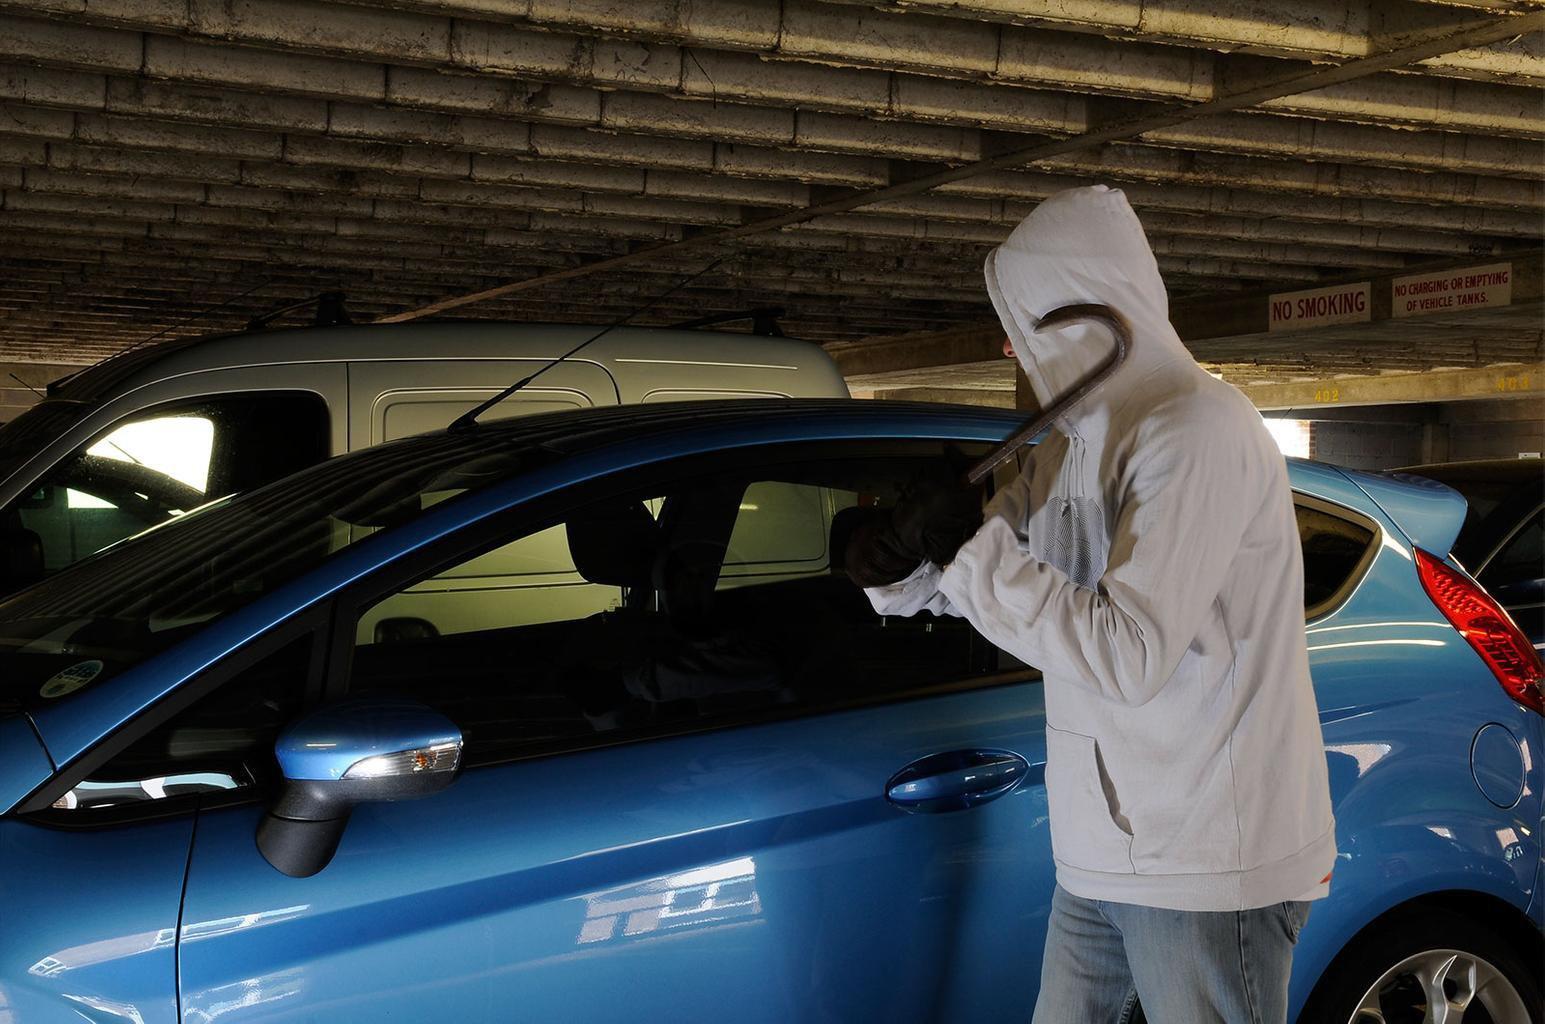 Man braking into car